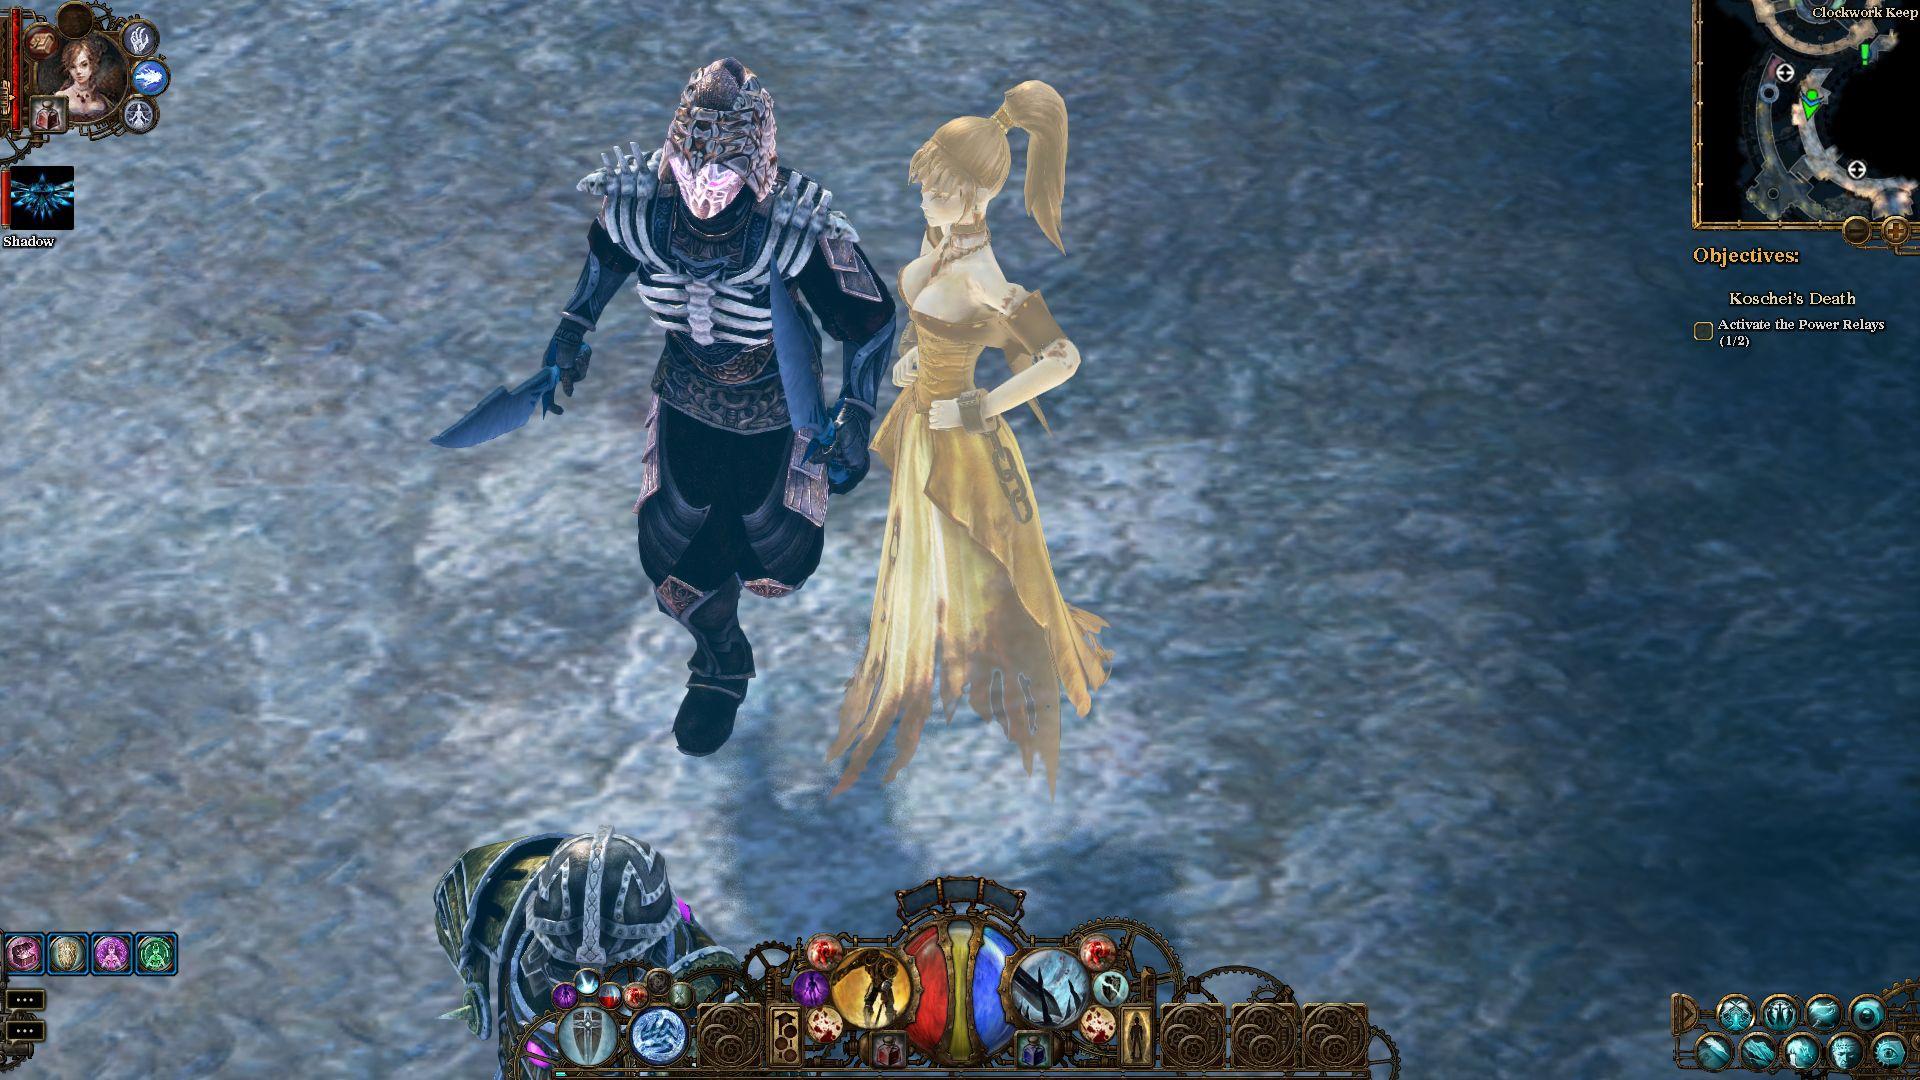 Adventures Of Van Helsing Final Cut van helsing 3 screenshots - image #17009 | new game network